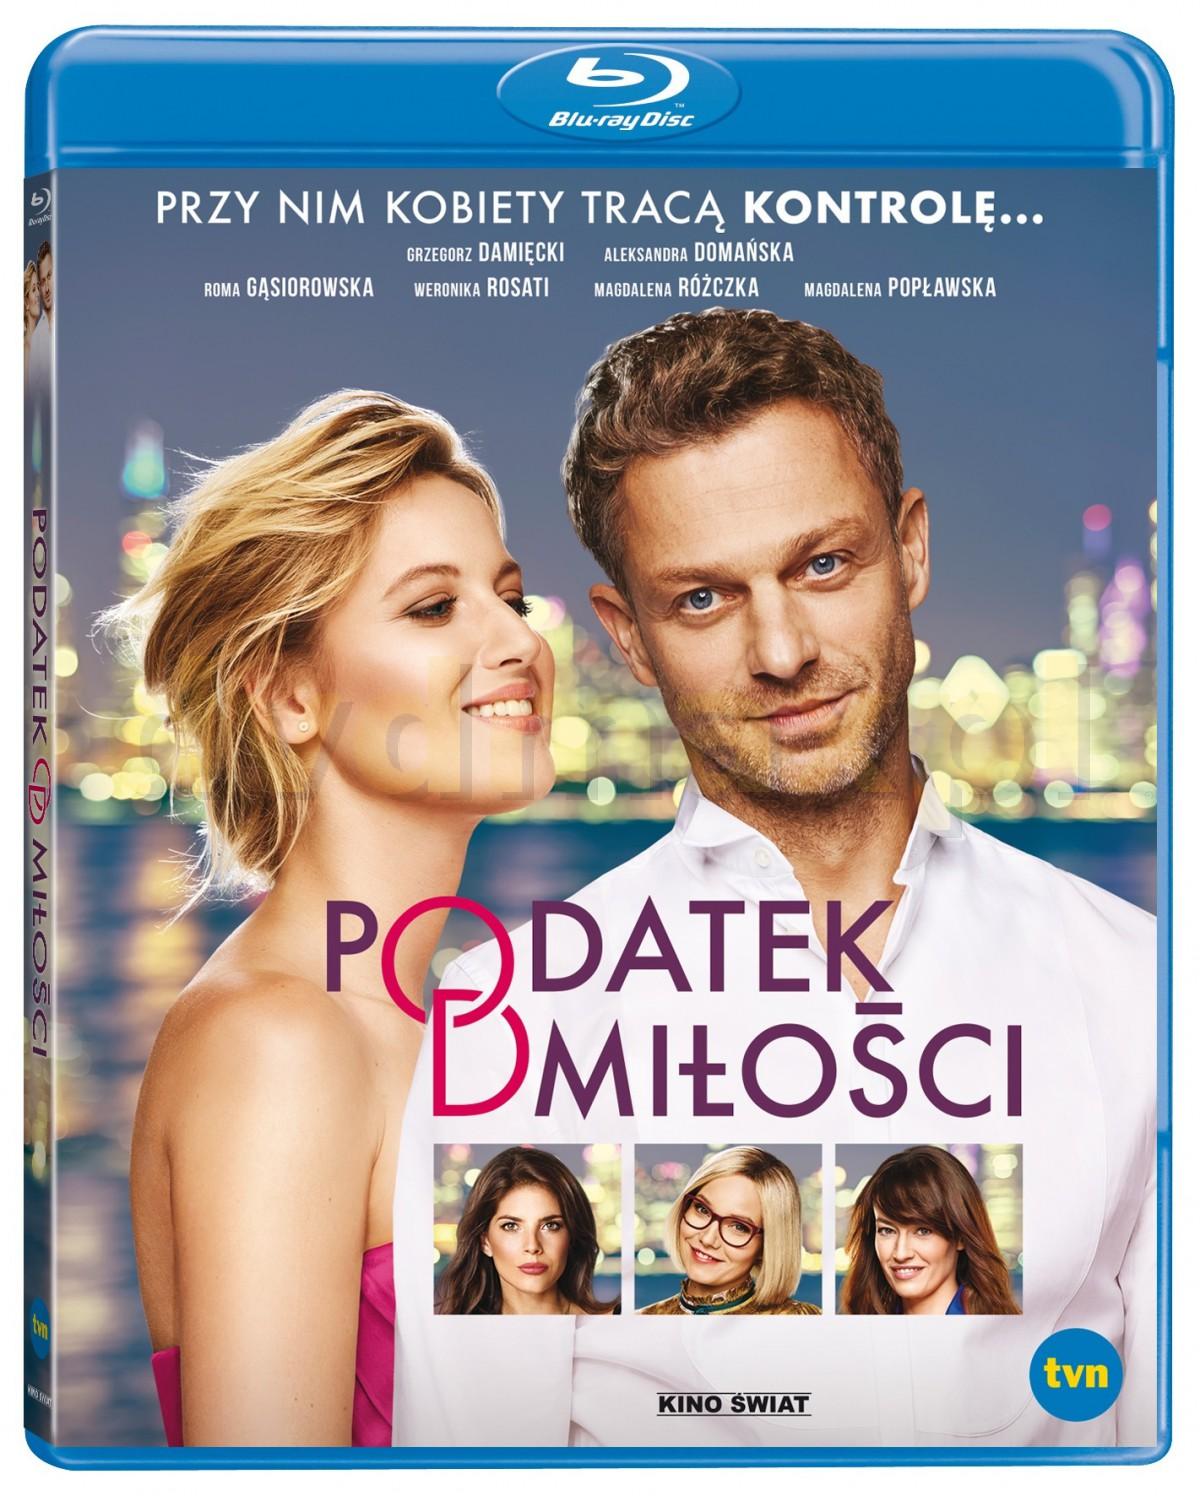 Podatek od miłości [Blu-Ray]